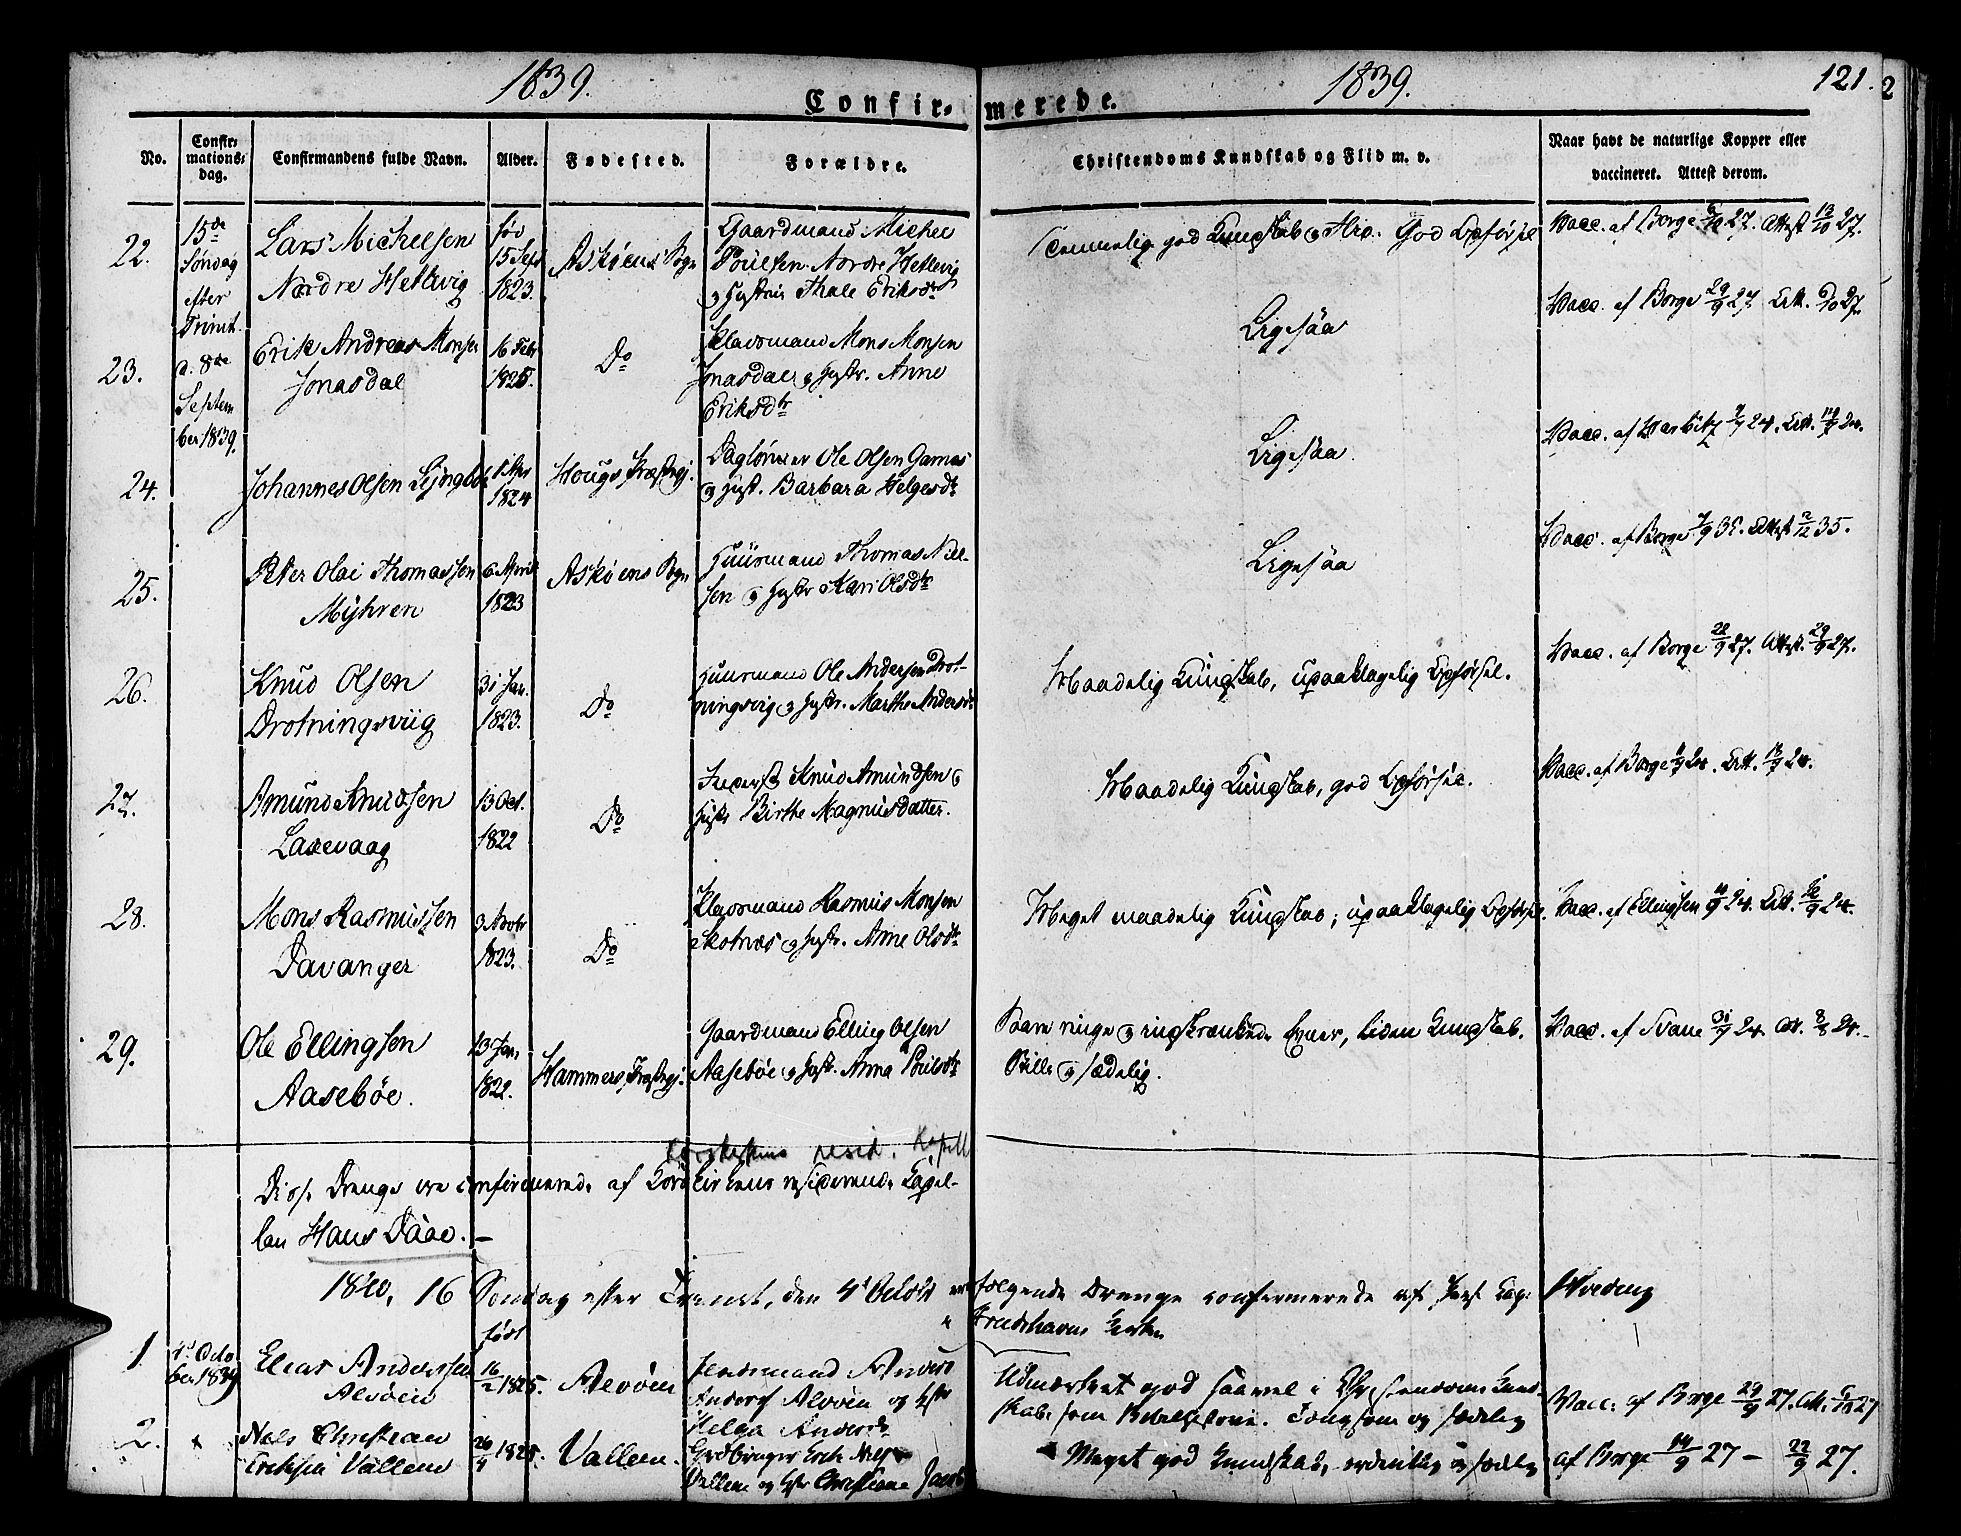 SAB, Askøy Sokneprestembete, H/Ha/Haa/Haaa/L0004: Parish register (official) no. A 4, 1825-1845, p. 121